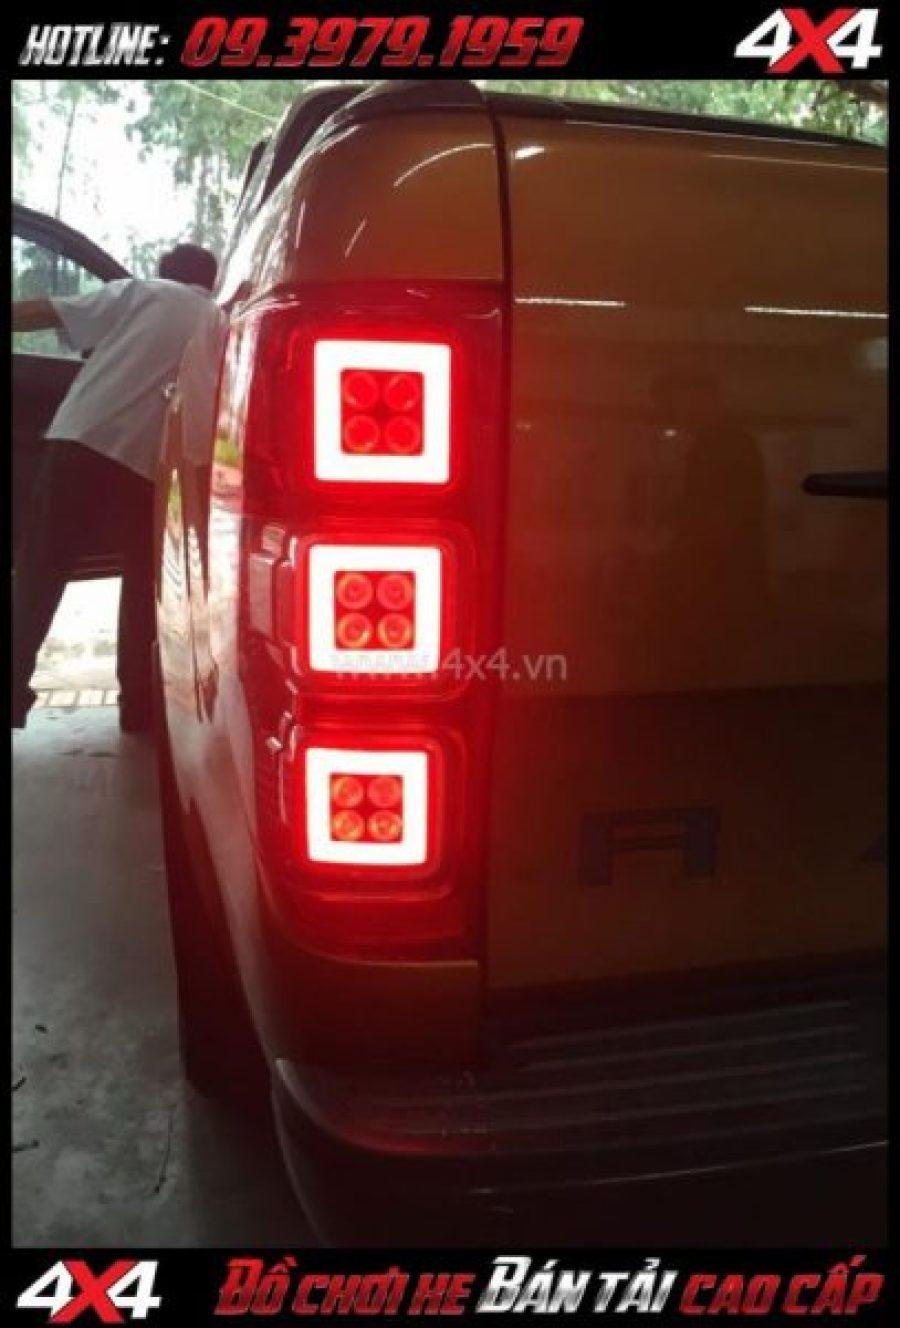 Tấm ảnh Đèn hậu Ford Ranger thay đẹp và nổi bật cho xe bán tải Ford Ranger 2019 ở Tp Hồ Chí Minh